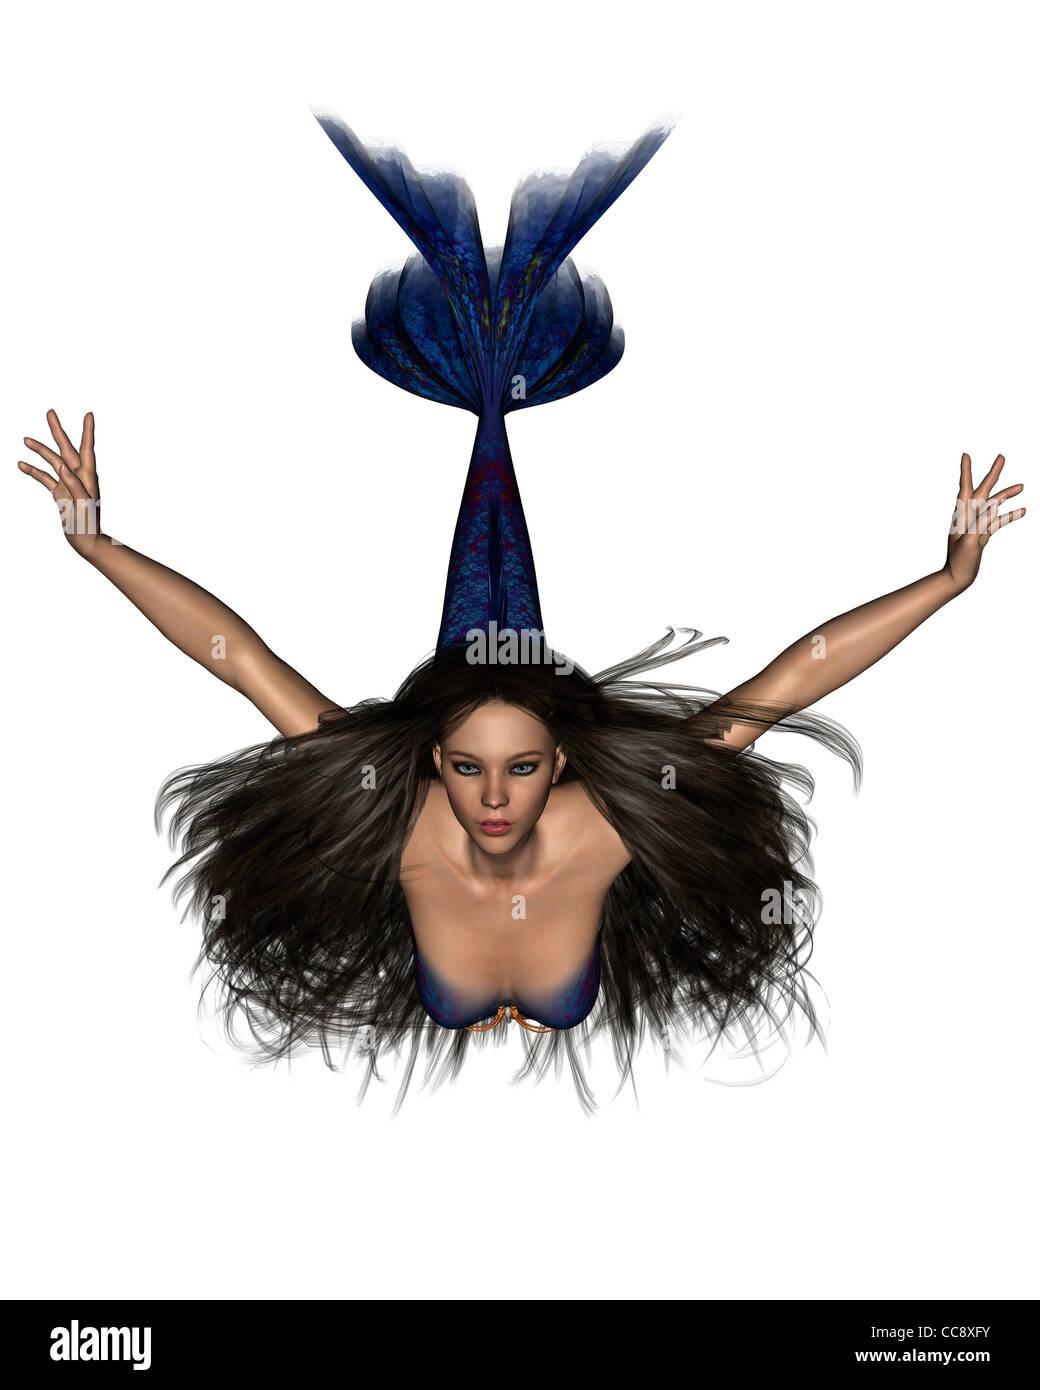 Dark Haired Mermaid - 1 - Stock Image